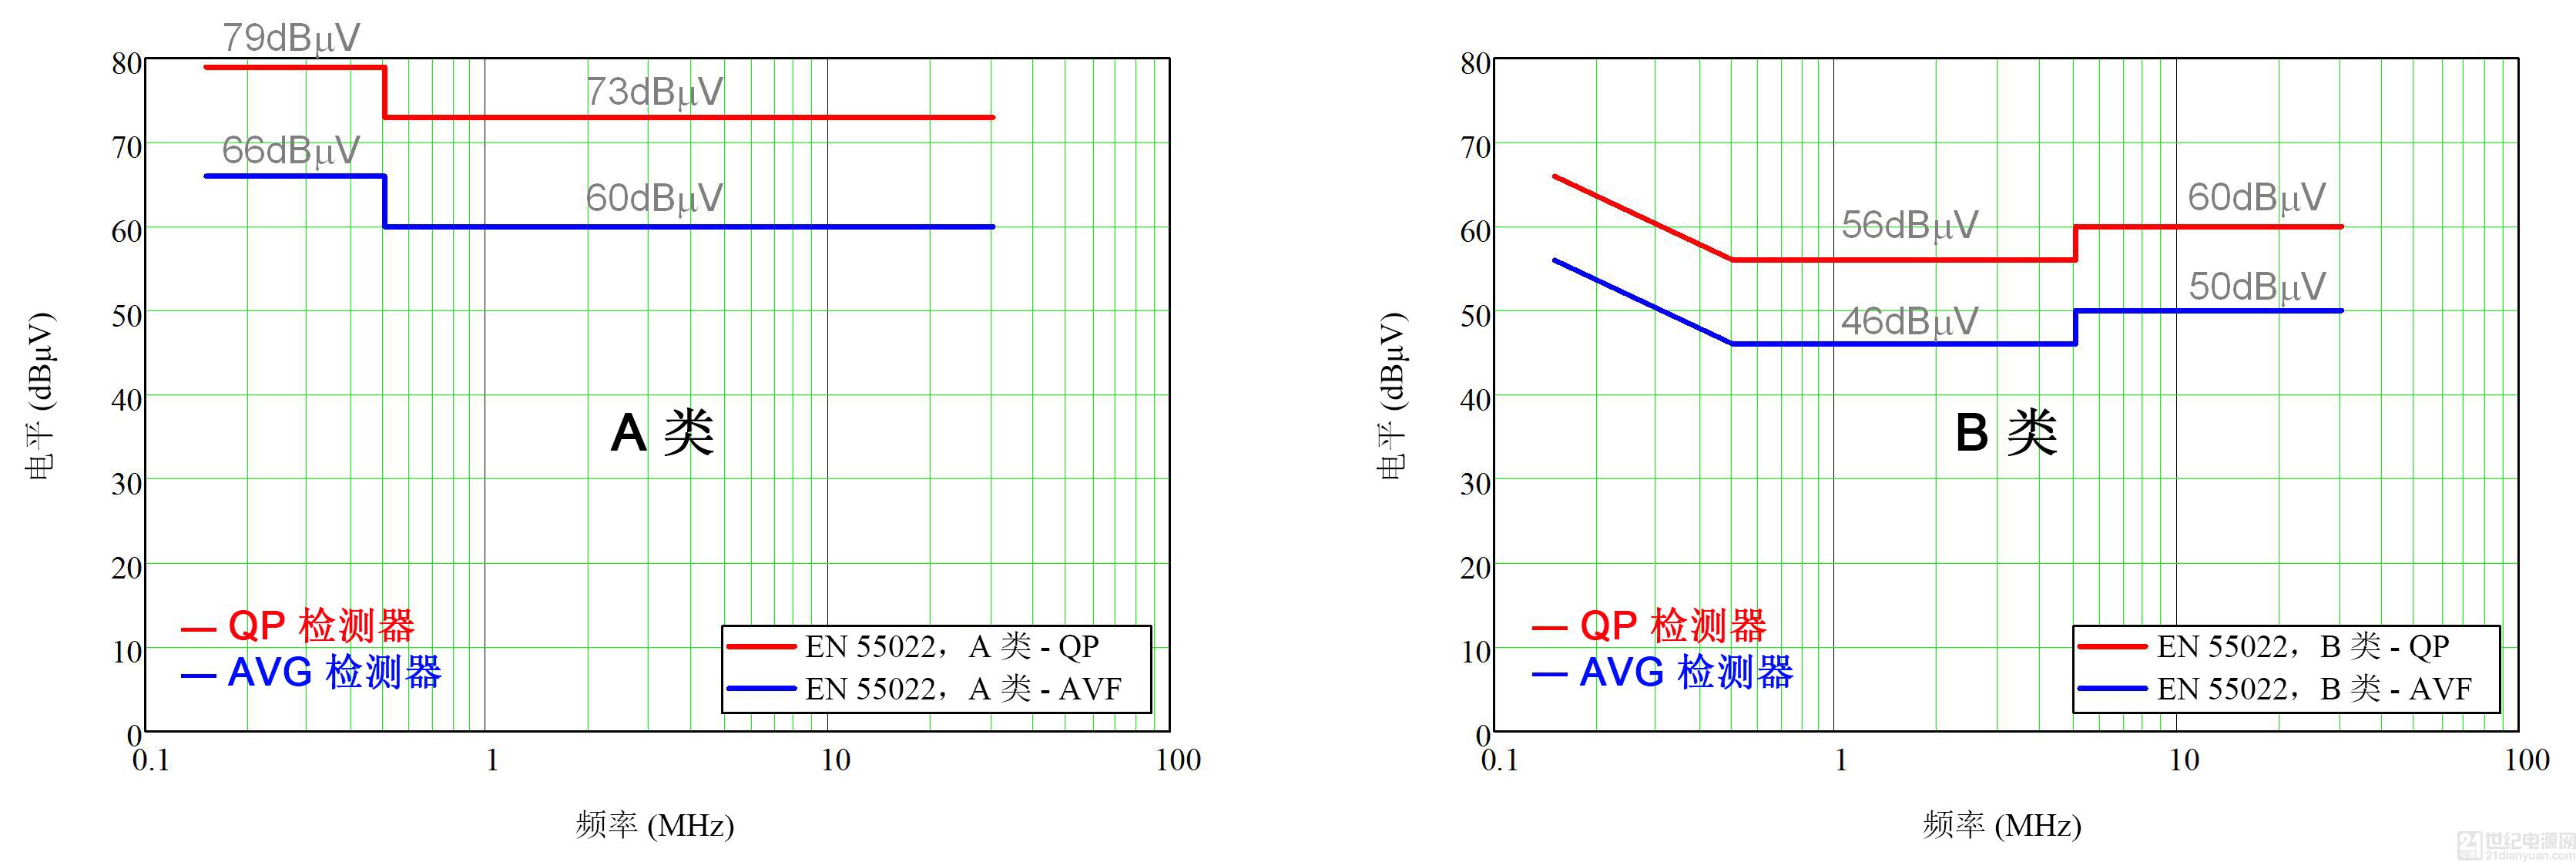 DC/DC 轉換器 EMI 的工程師指南 - 第 1 部分,規范和測量